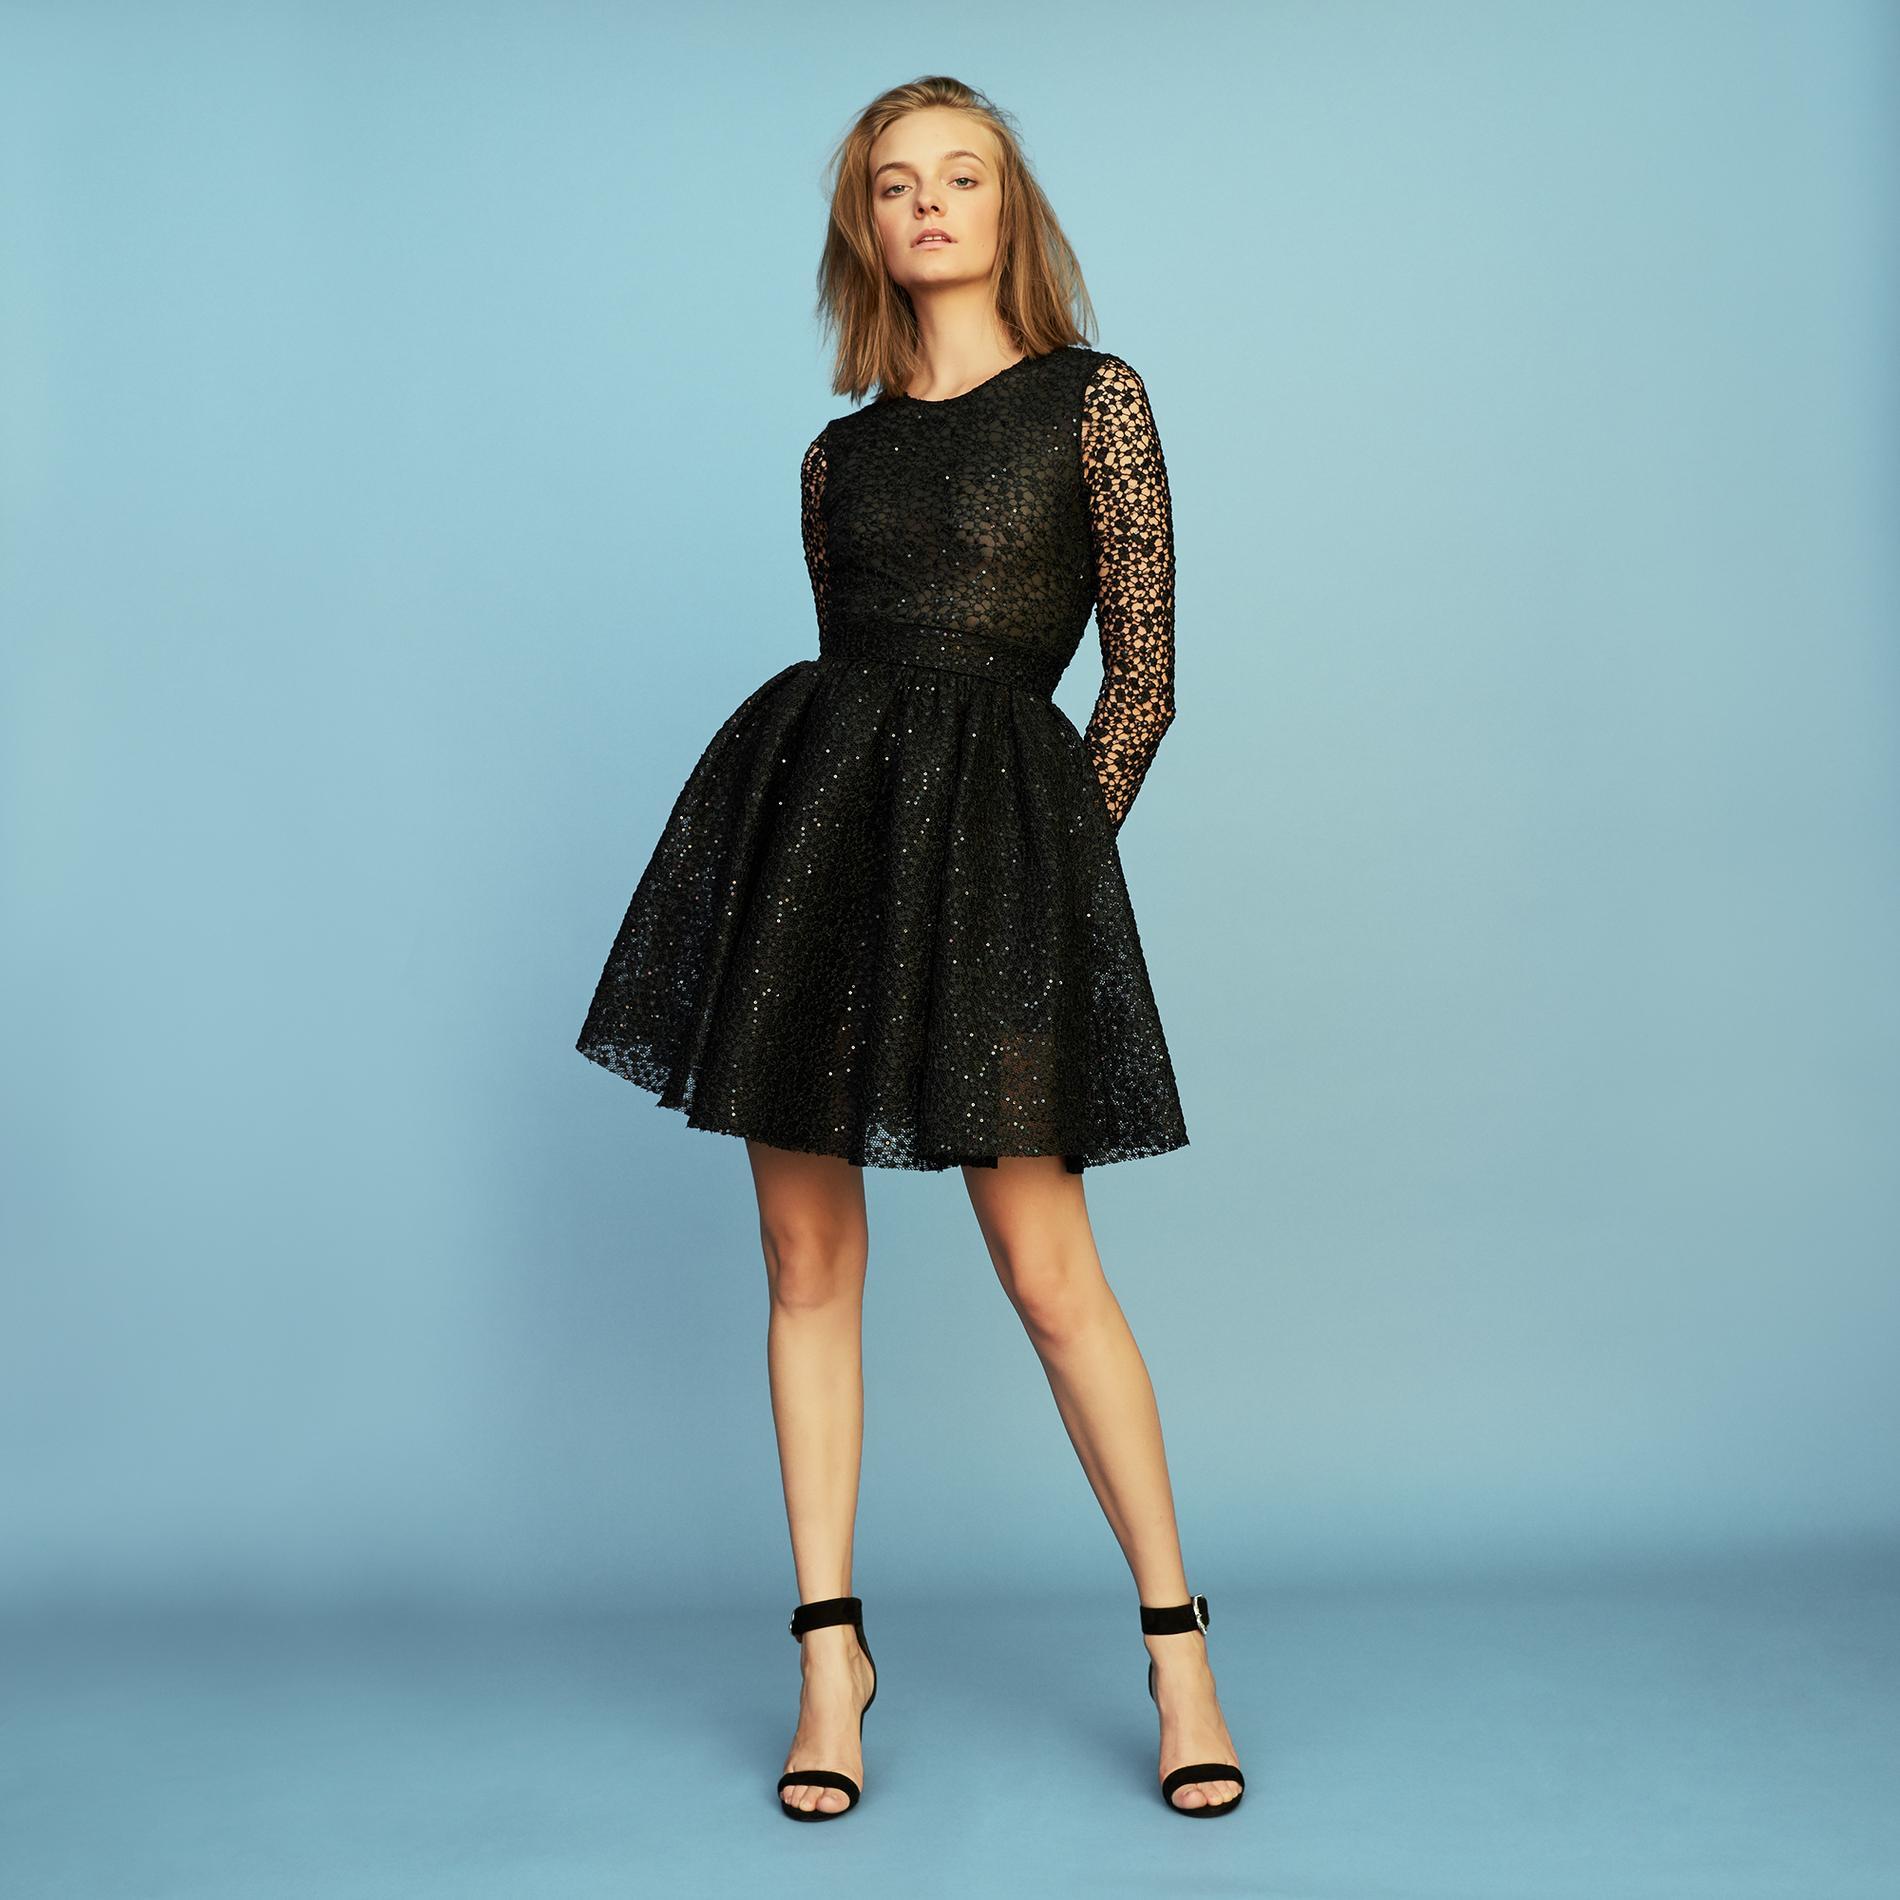 1c020295541 ... Notre sélection de robes noires pour les fêtes de fin d année - Maje ...